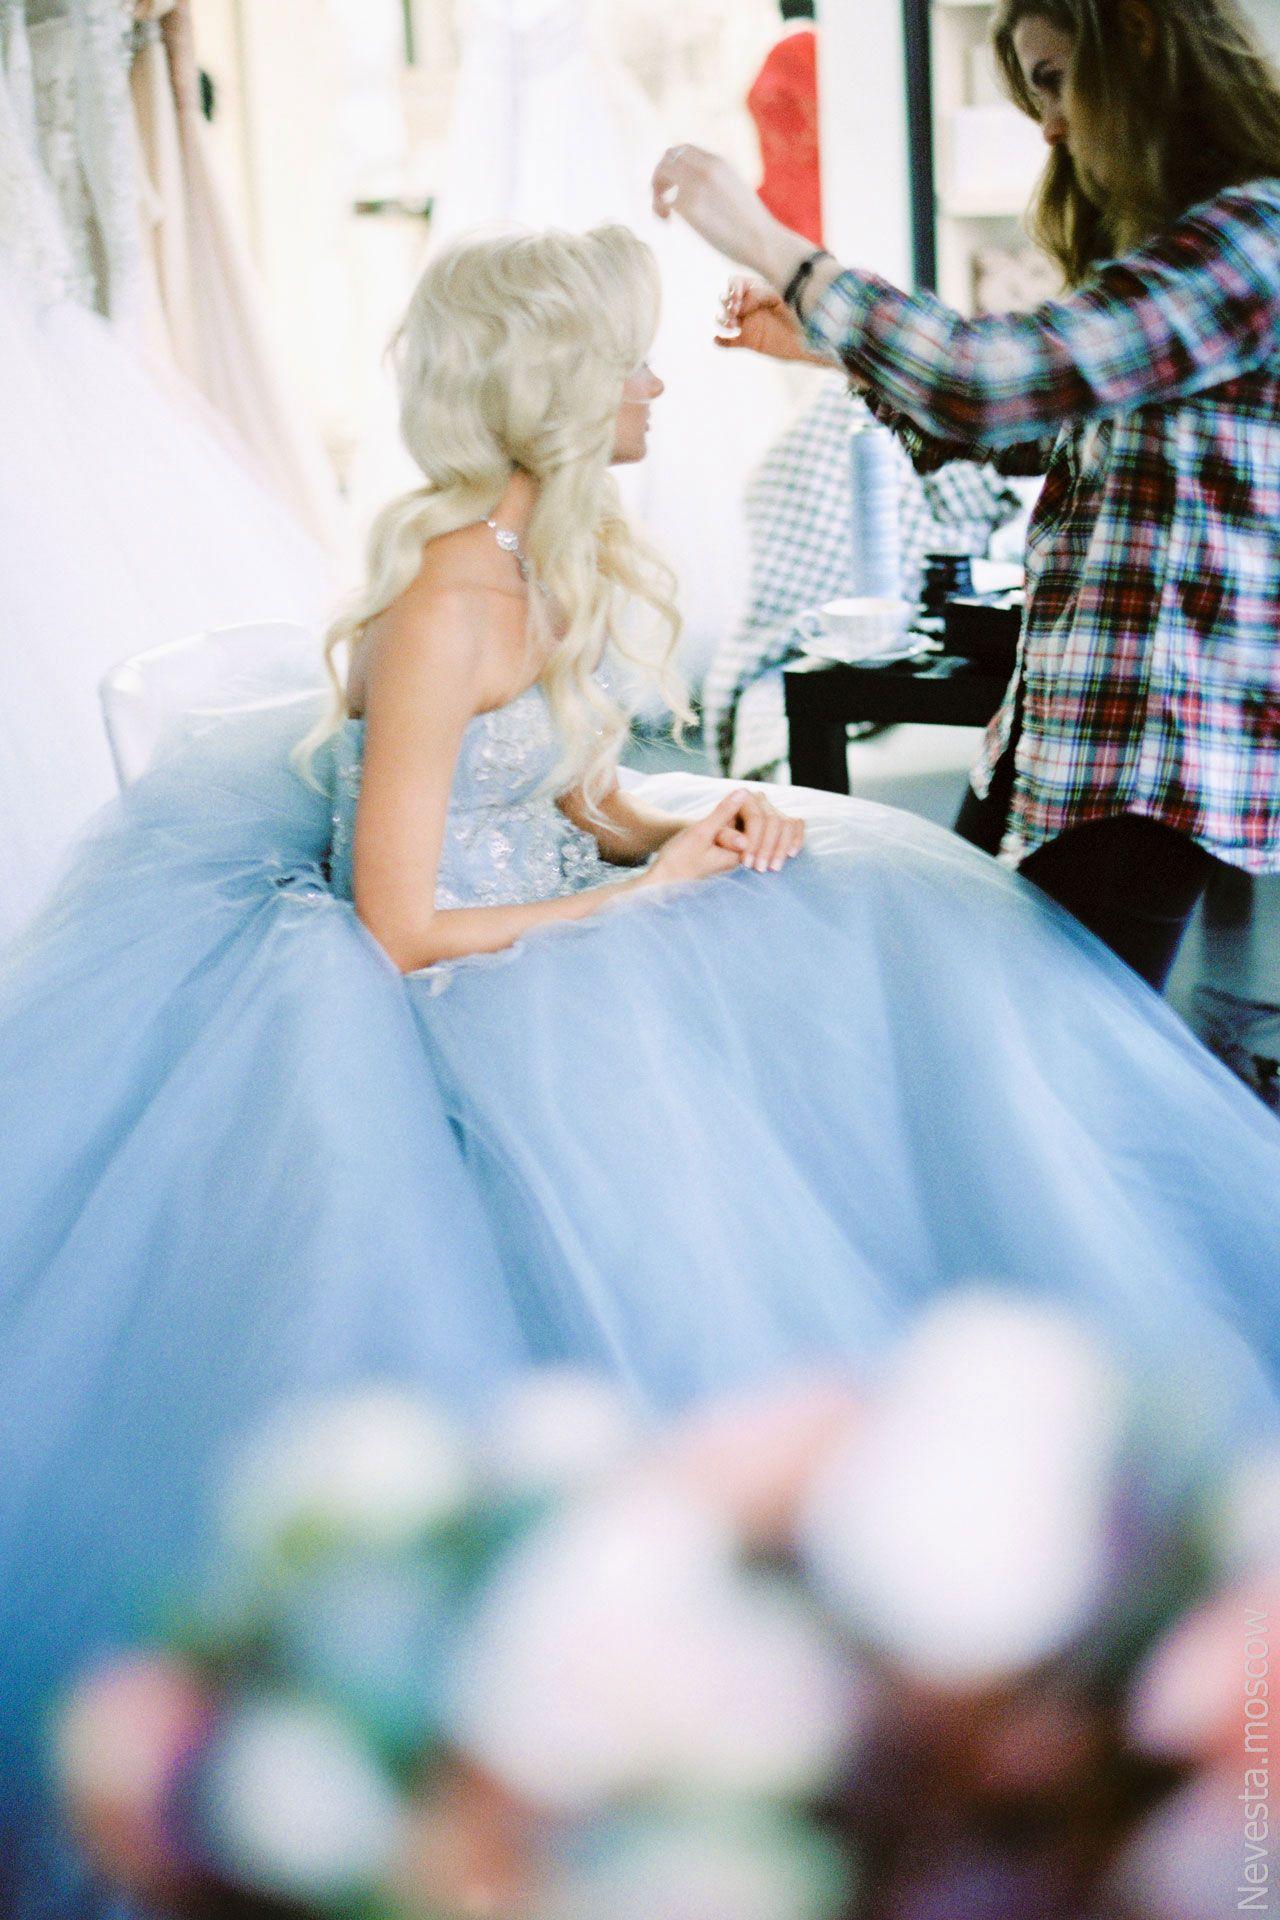 Главная героиня сериала «Деффчонки» в образе невесты от-кутюр фото 2